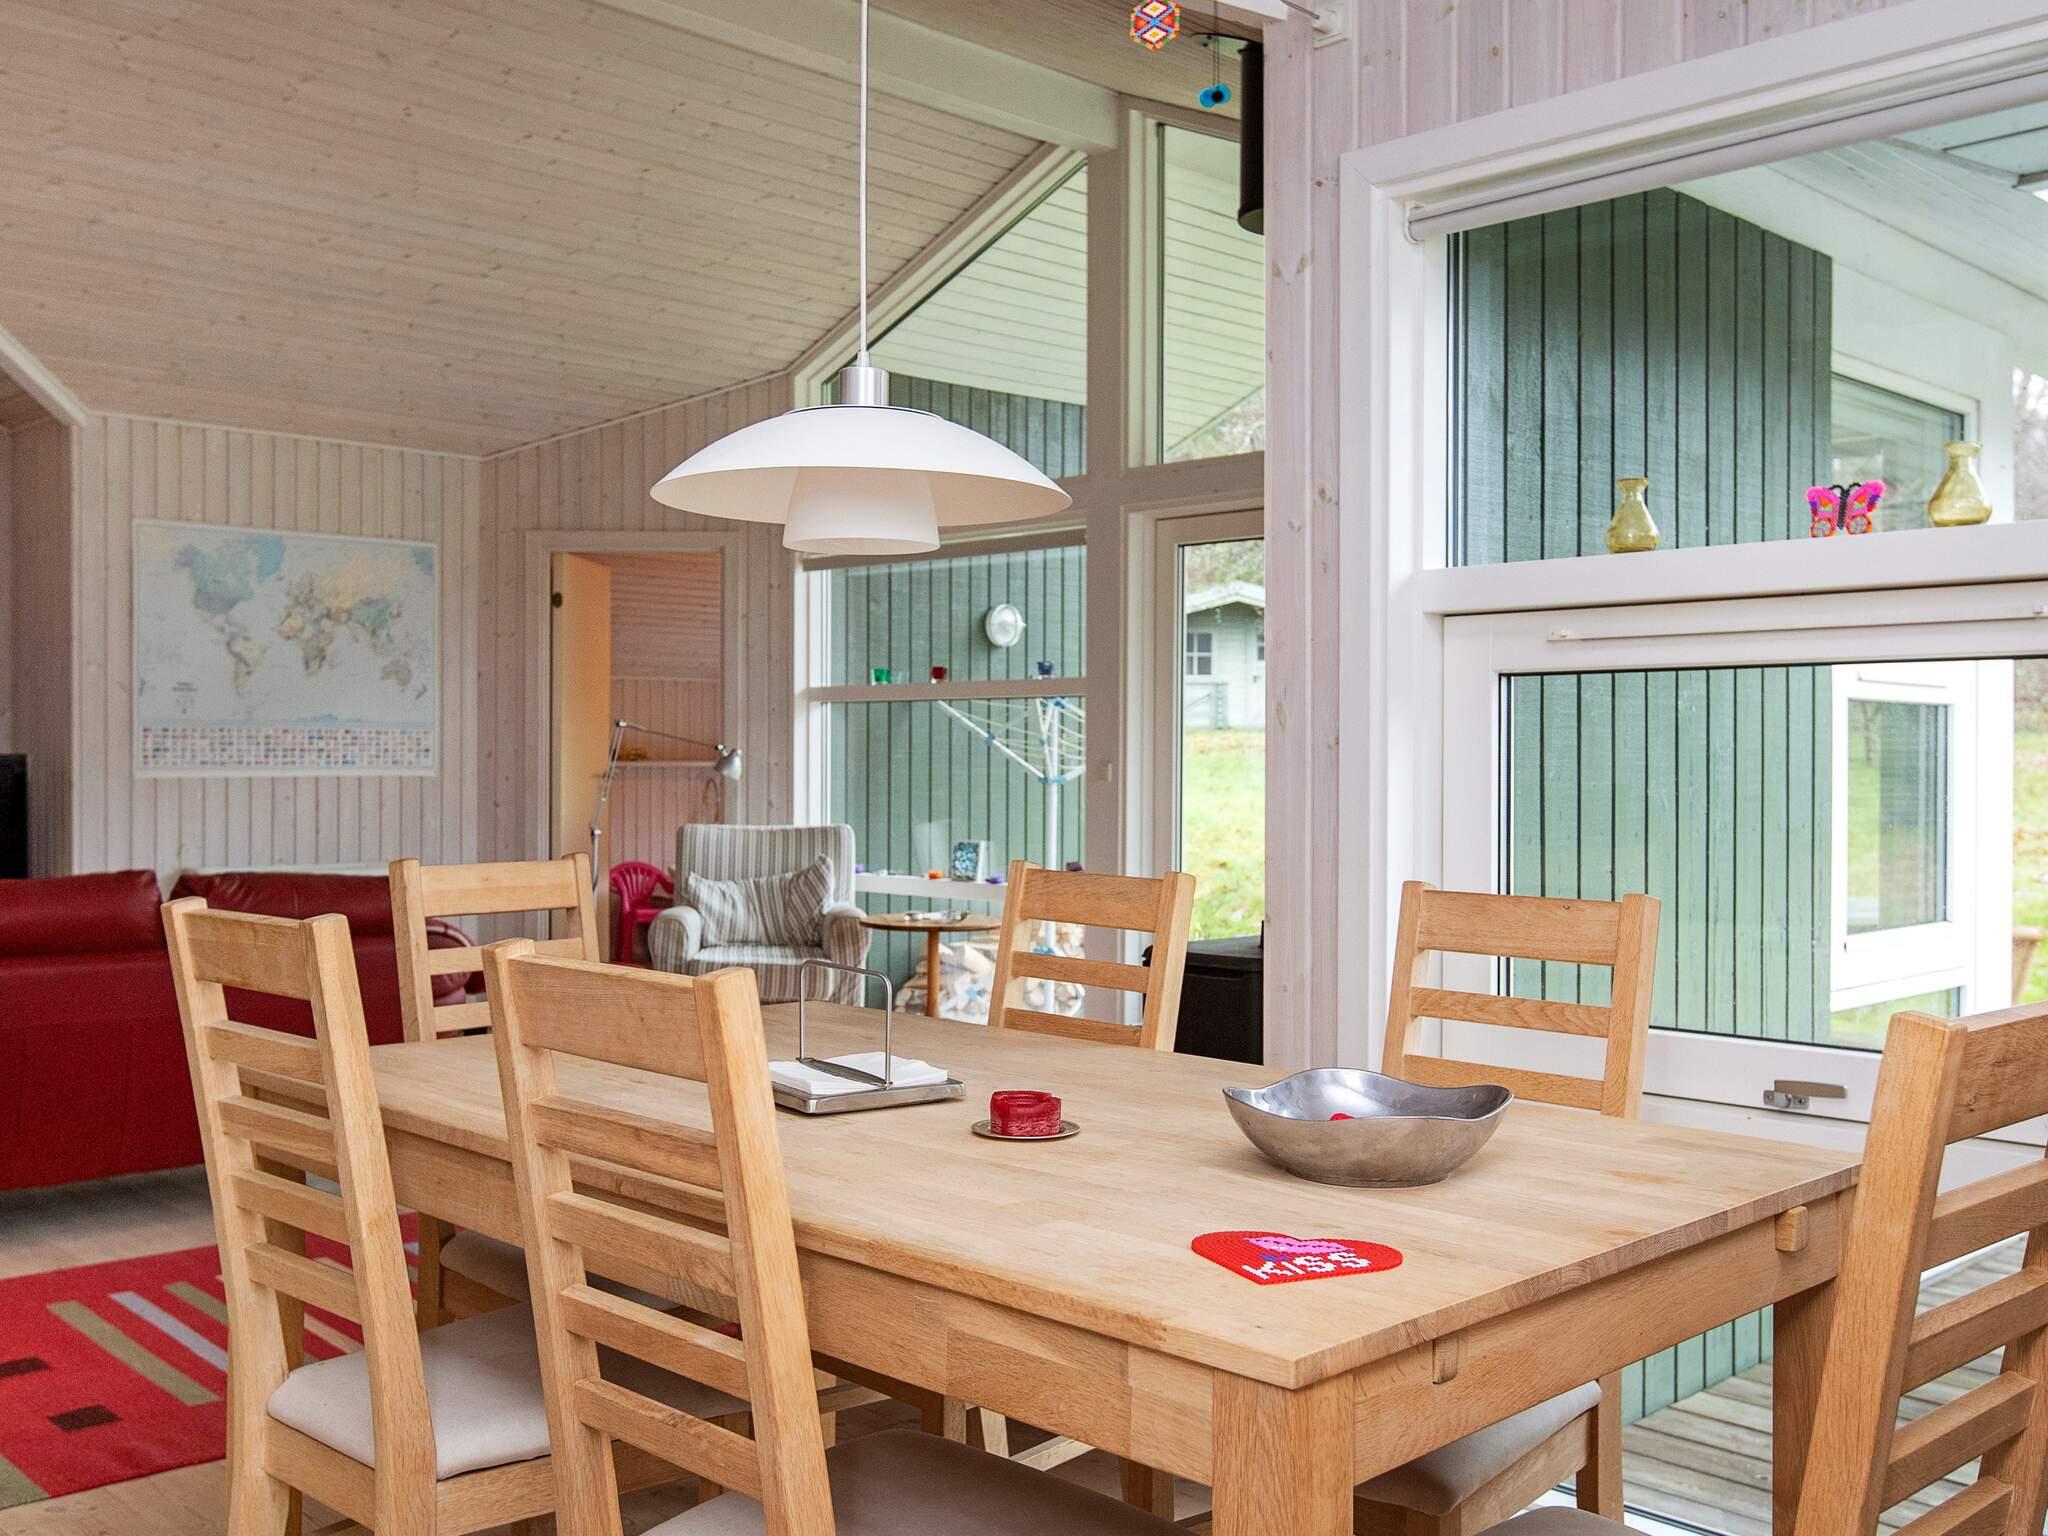 Ferienhaus Vejby (2701529), Vejby, , Nordseeland, Dänemark, Bild 10